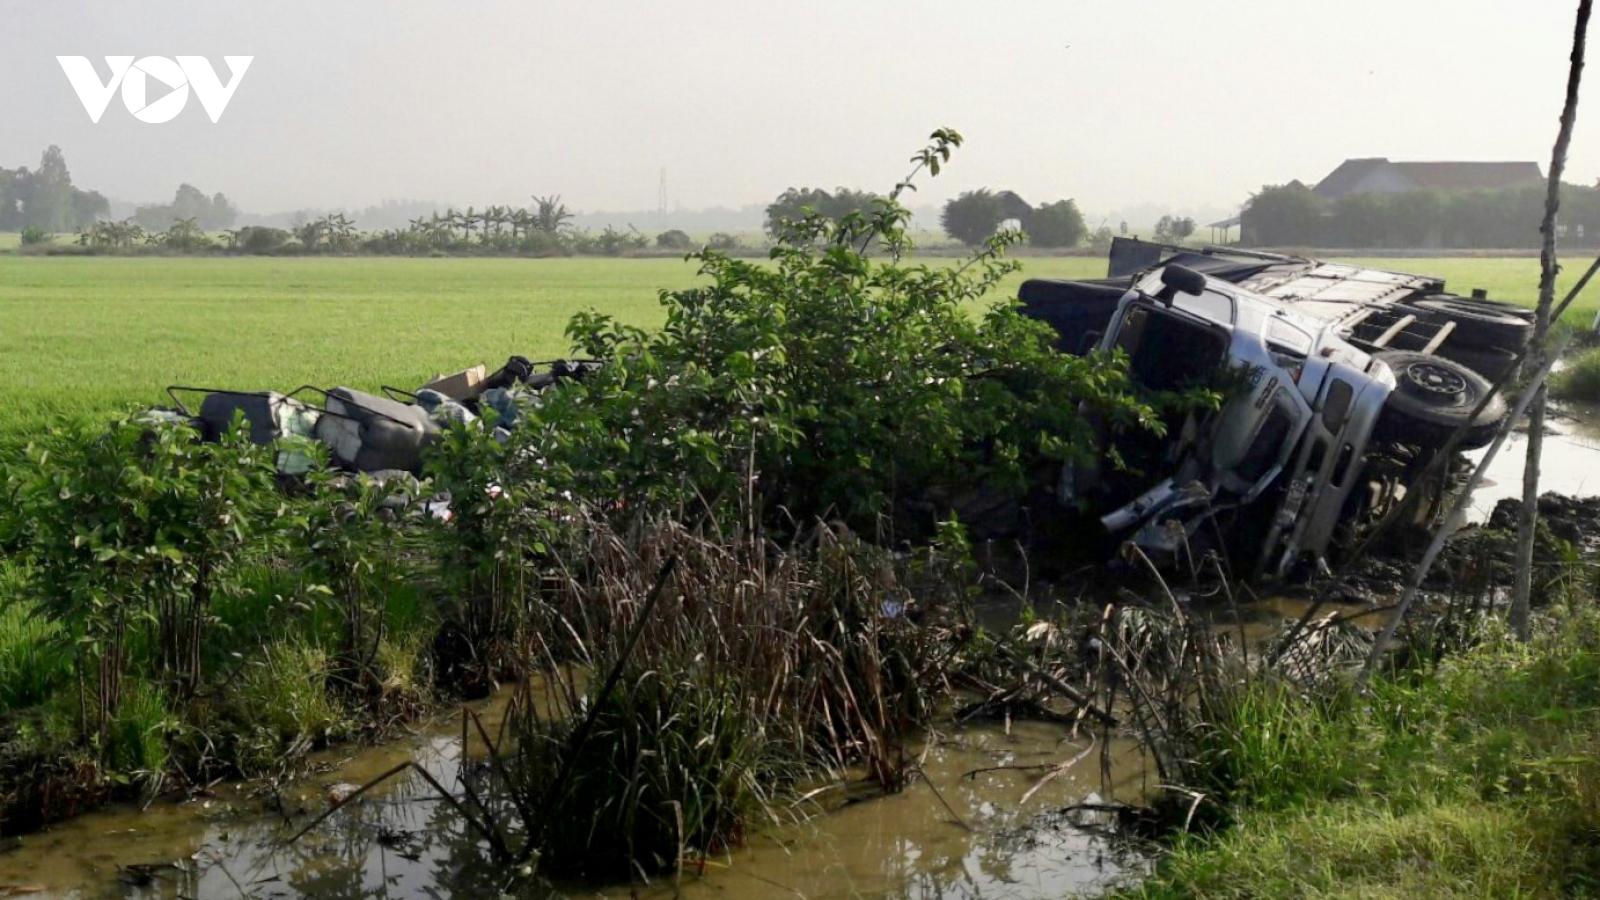 Thêm 1 nạn nhân tử vong trong vụ TNGT trên tuyến Quản Lộ - Phụng Hiệp (Bạc Liêu)